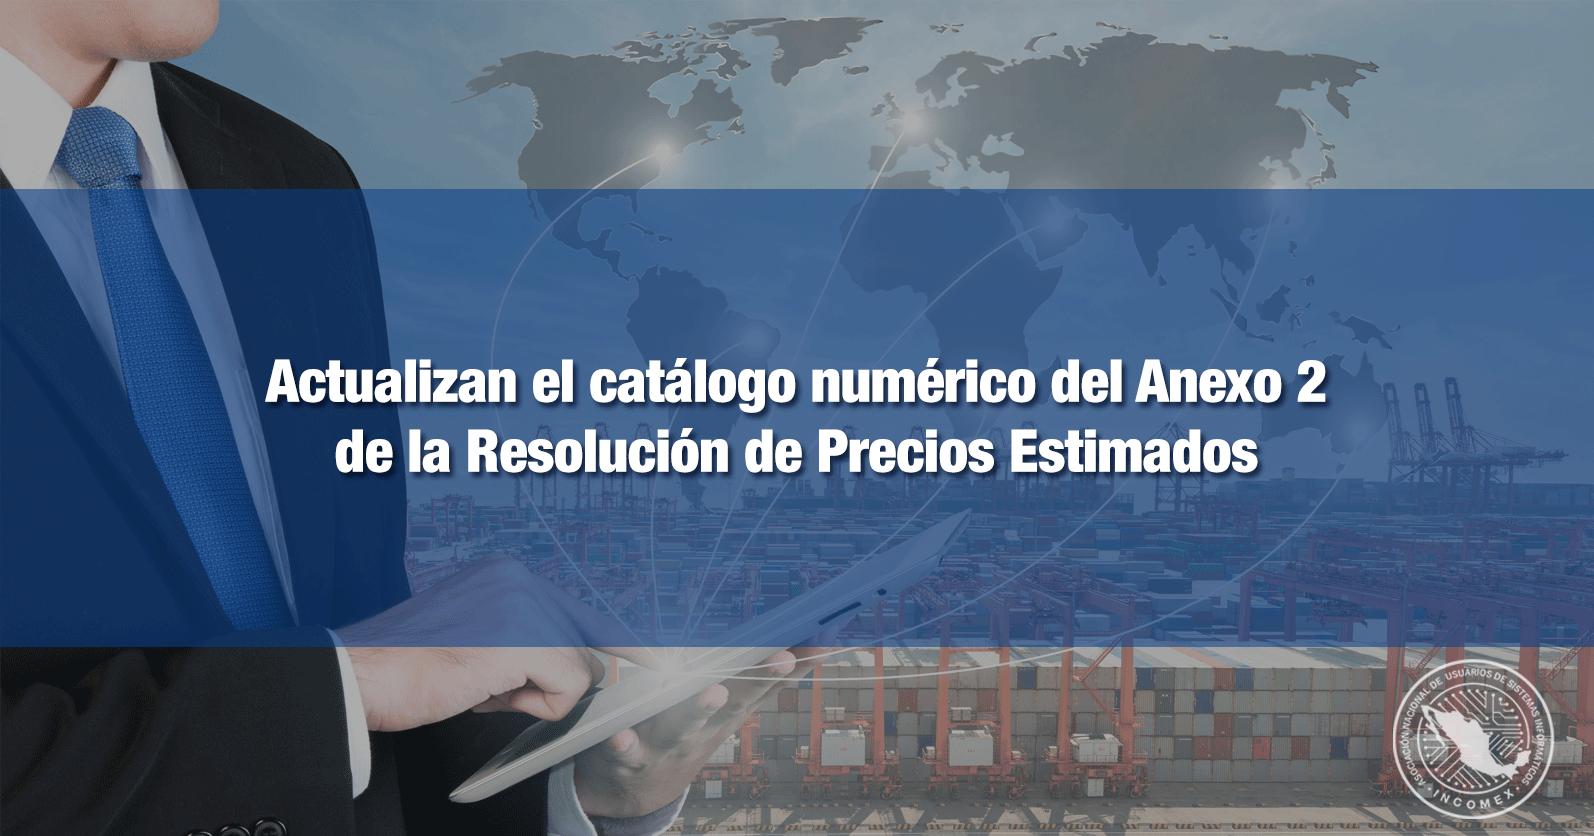 Actualizan el catálogo numérico del Anexo 2 de la Resolución de Precios Estimados